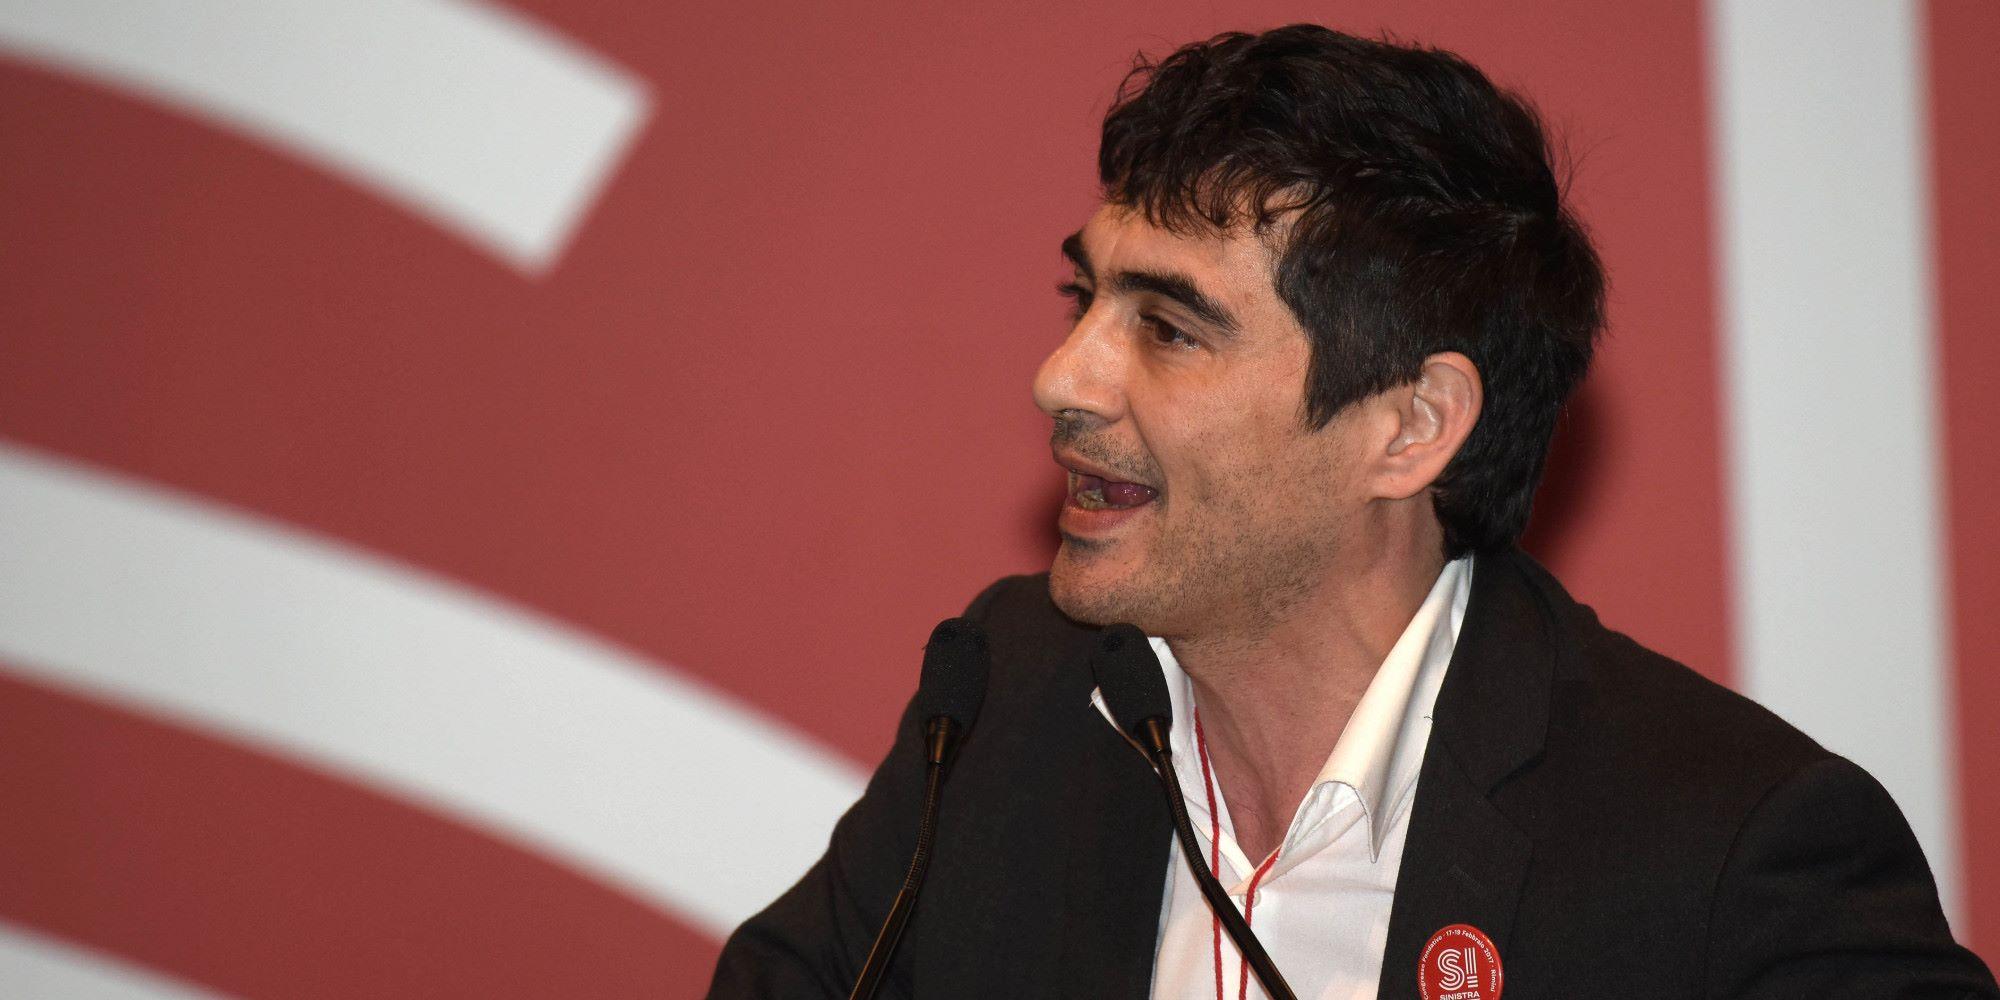 Fratoianni (SI) a Cagliari per campagna LeU: